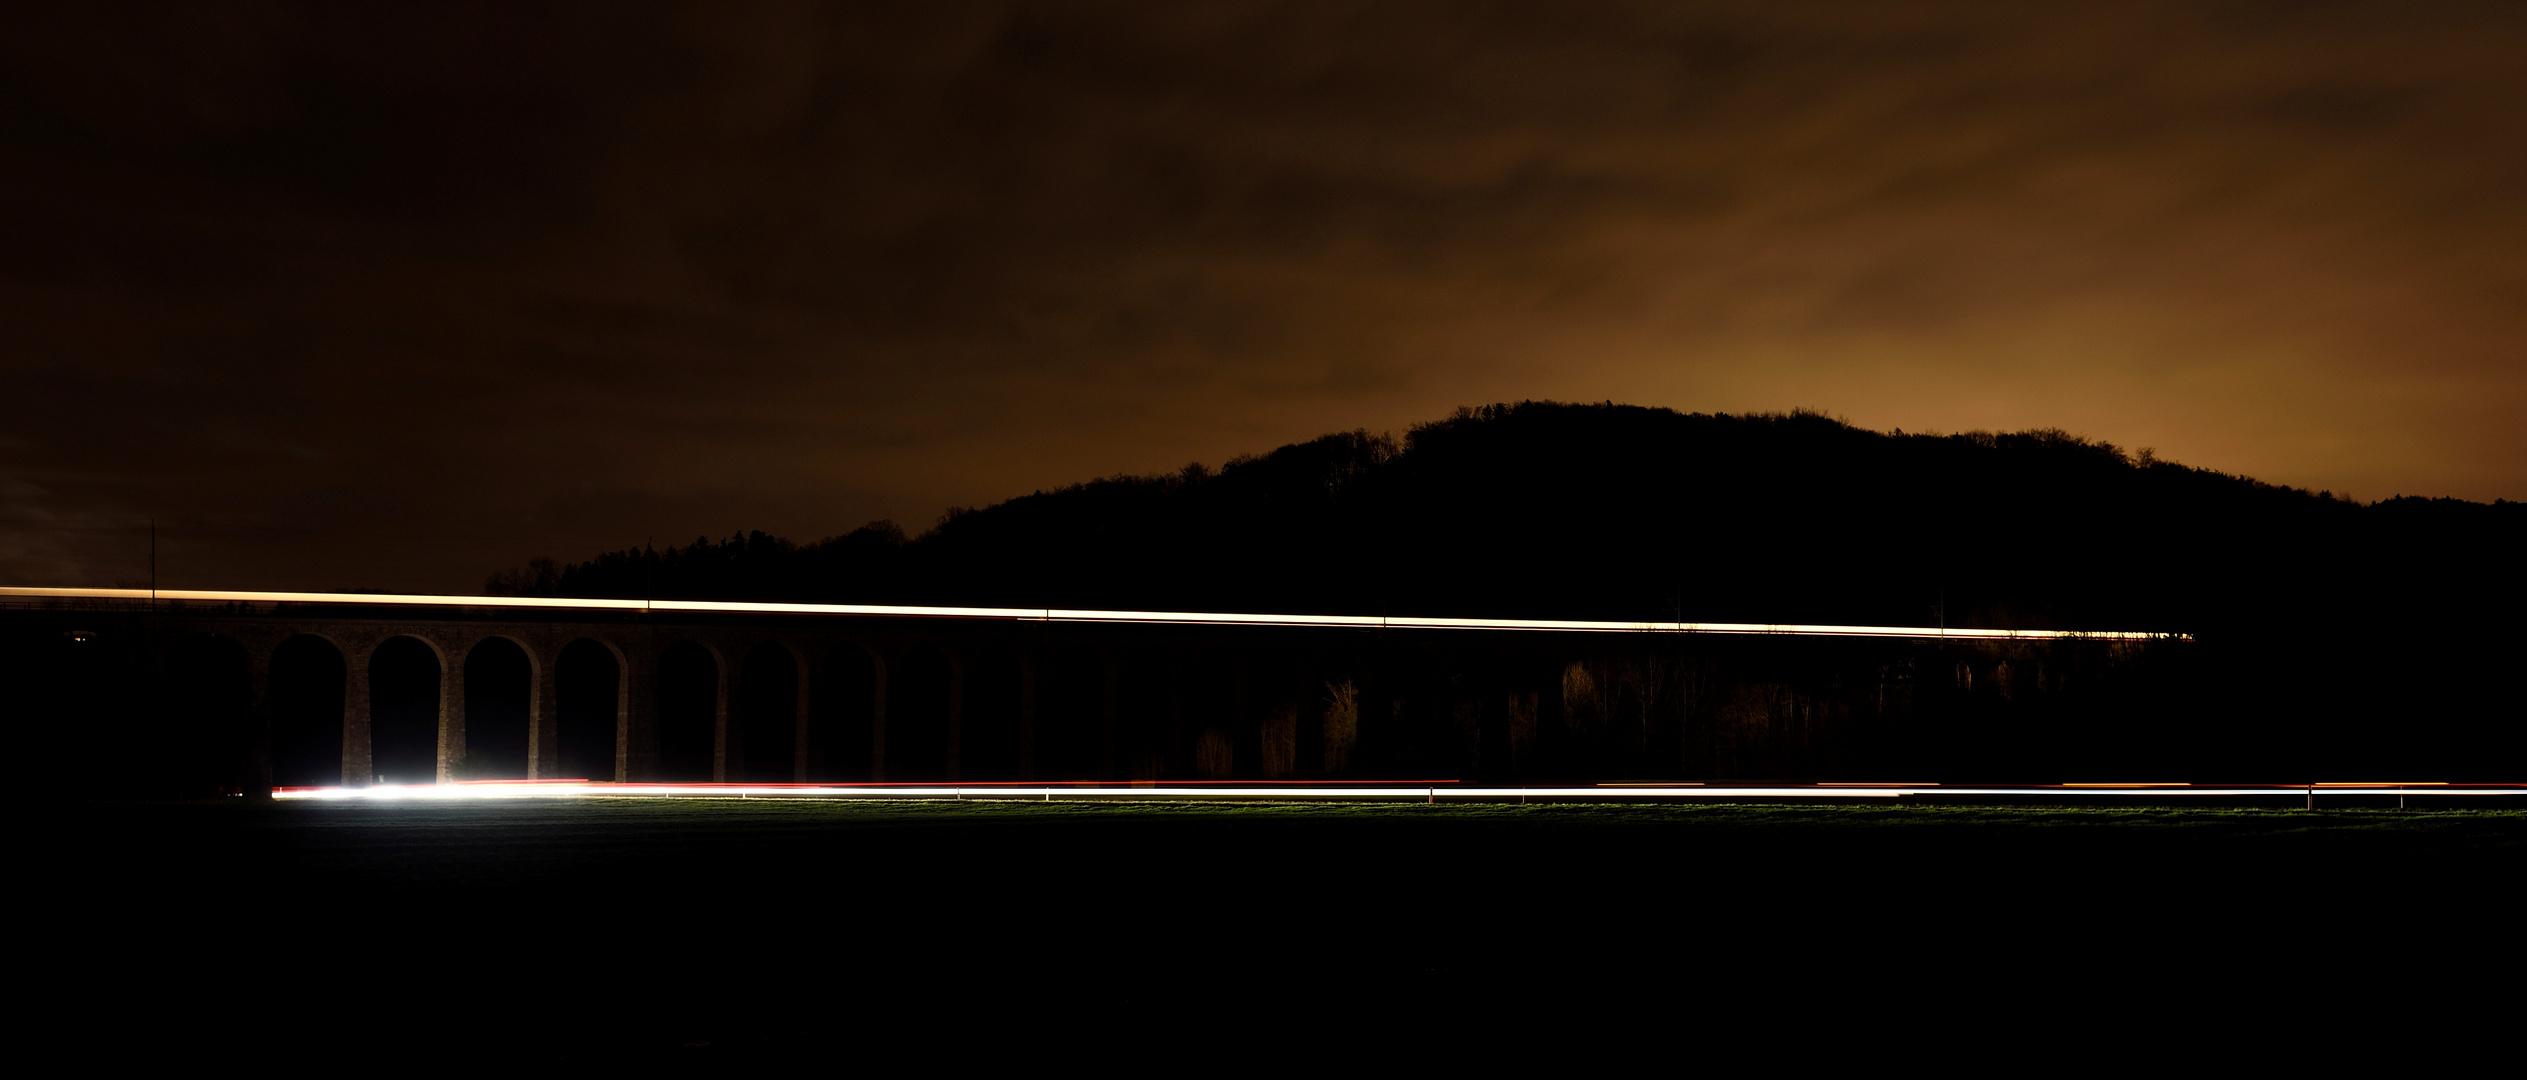 Eisenbahn-Viadukt bei Gümmenen 1